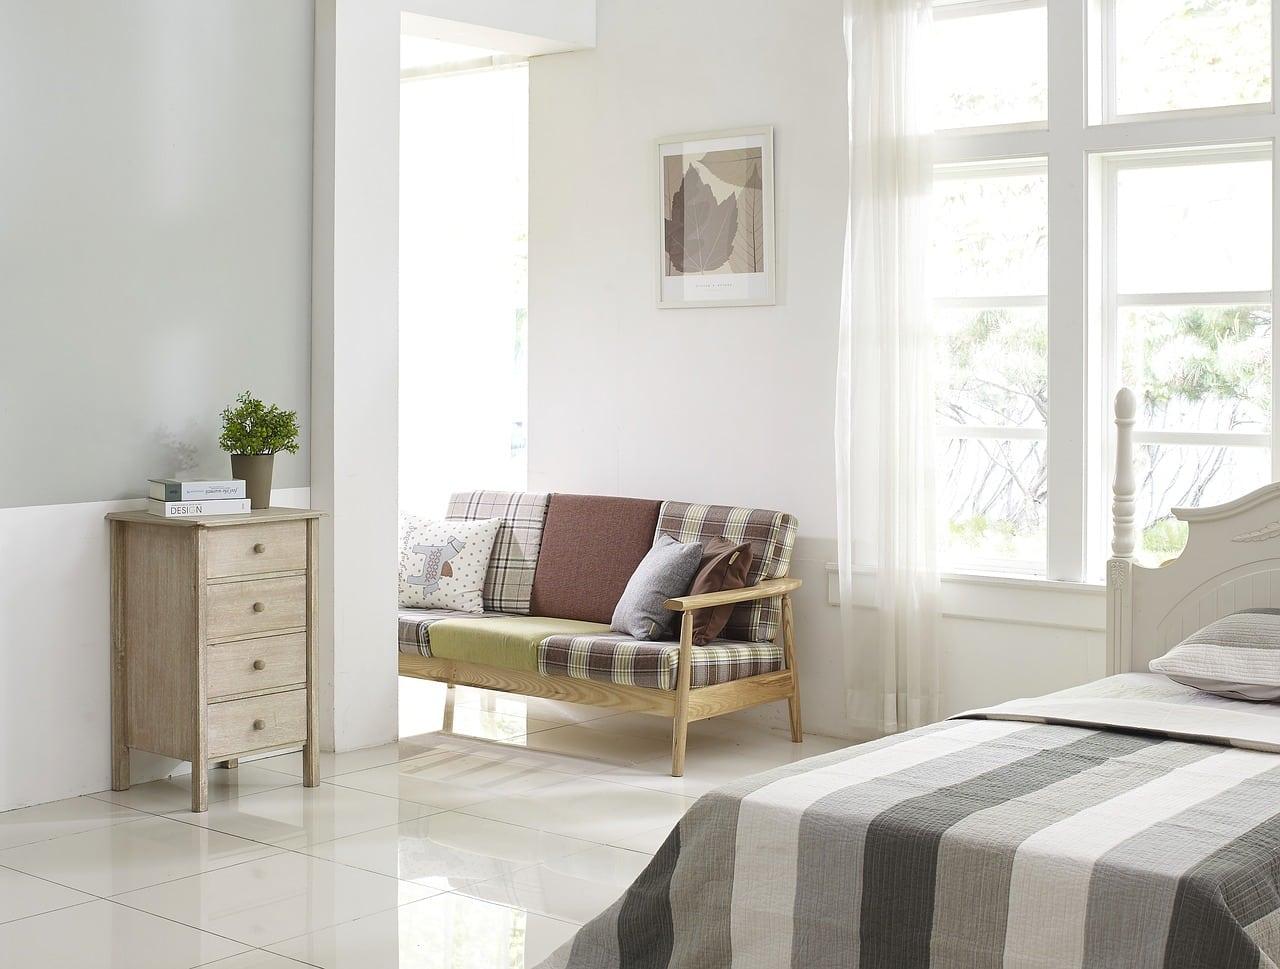 Das Schlafzimmer einrichten  hilfreiche Tipps und